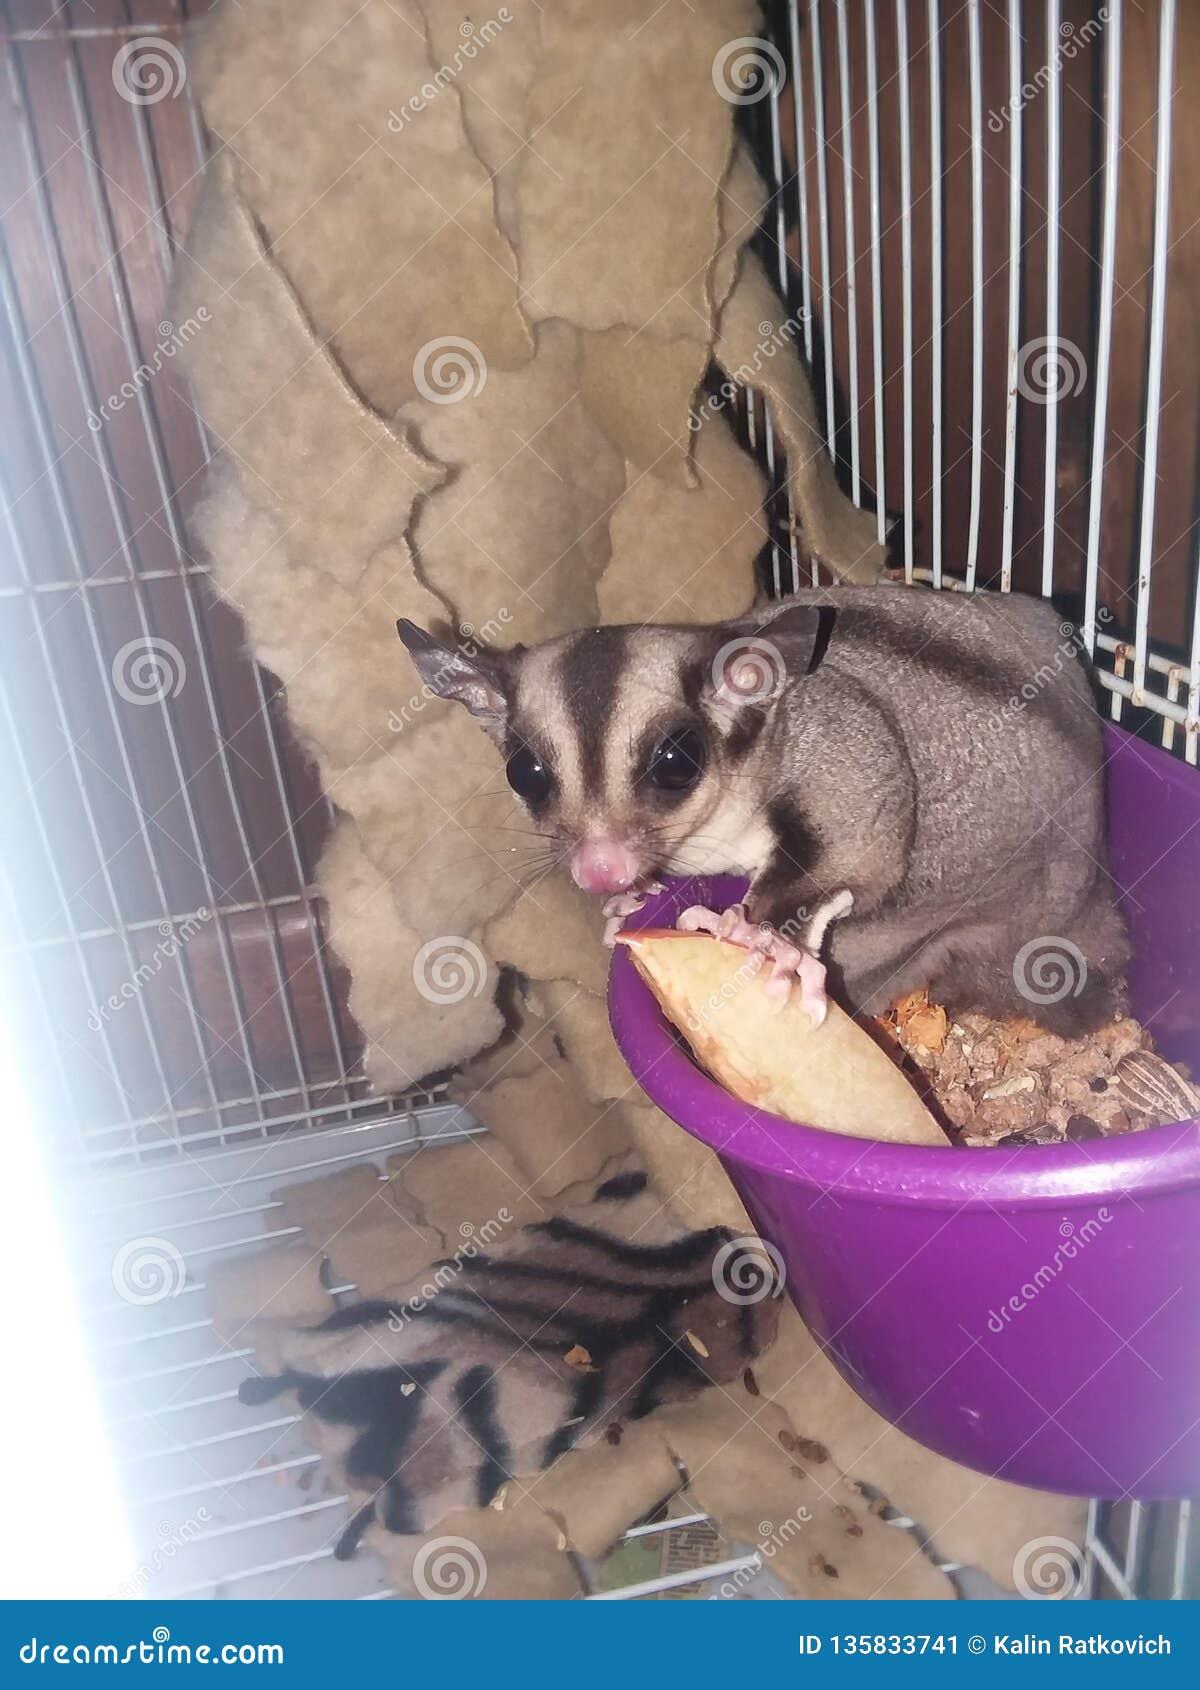 Sugar Glider snacking